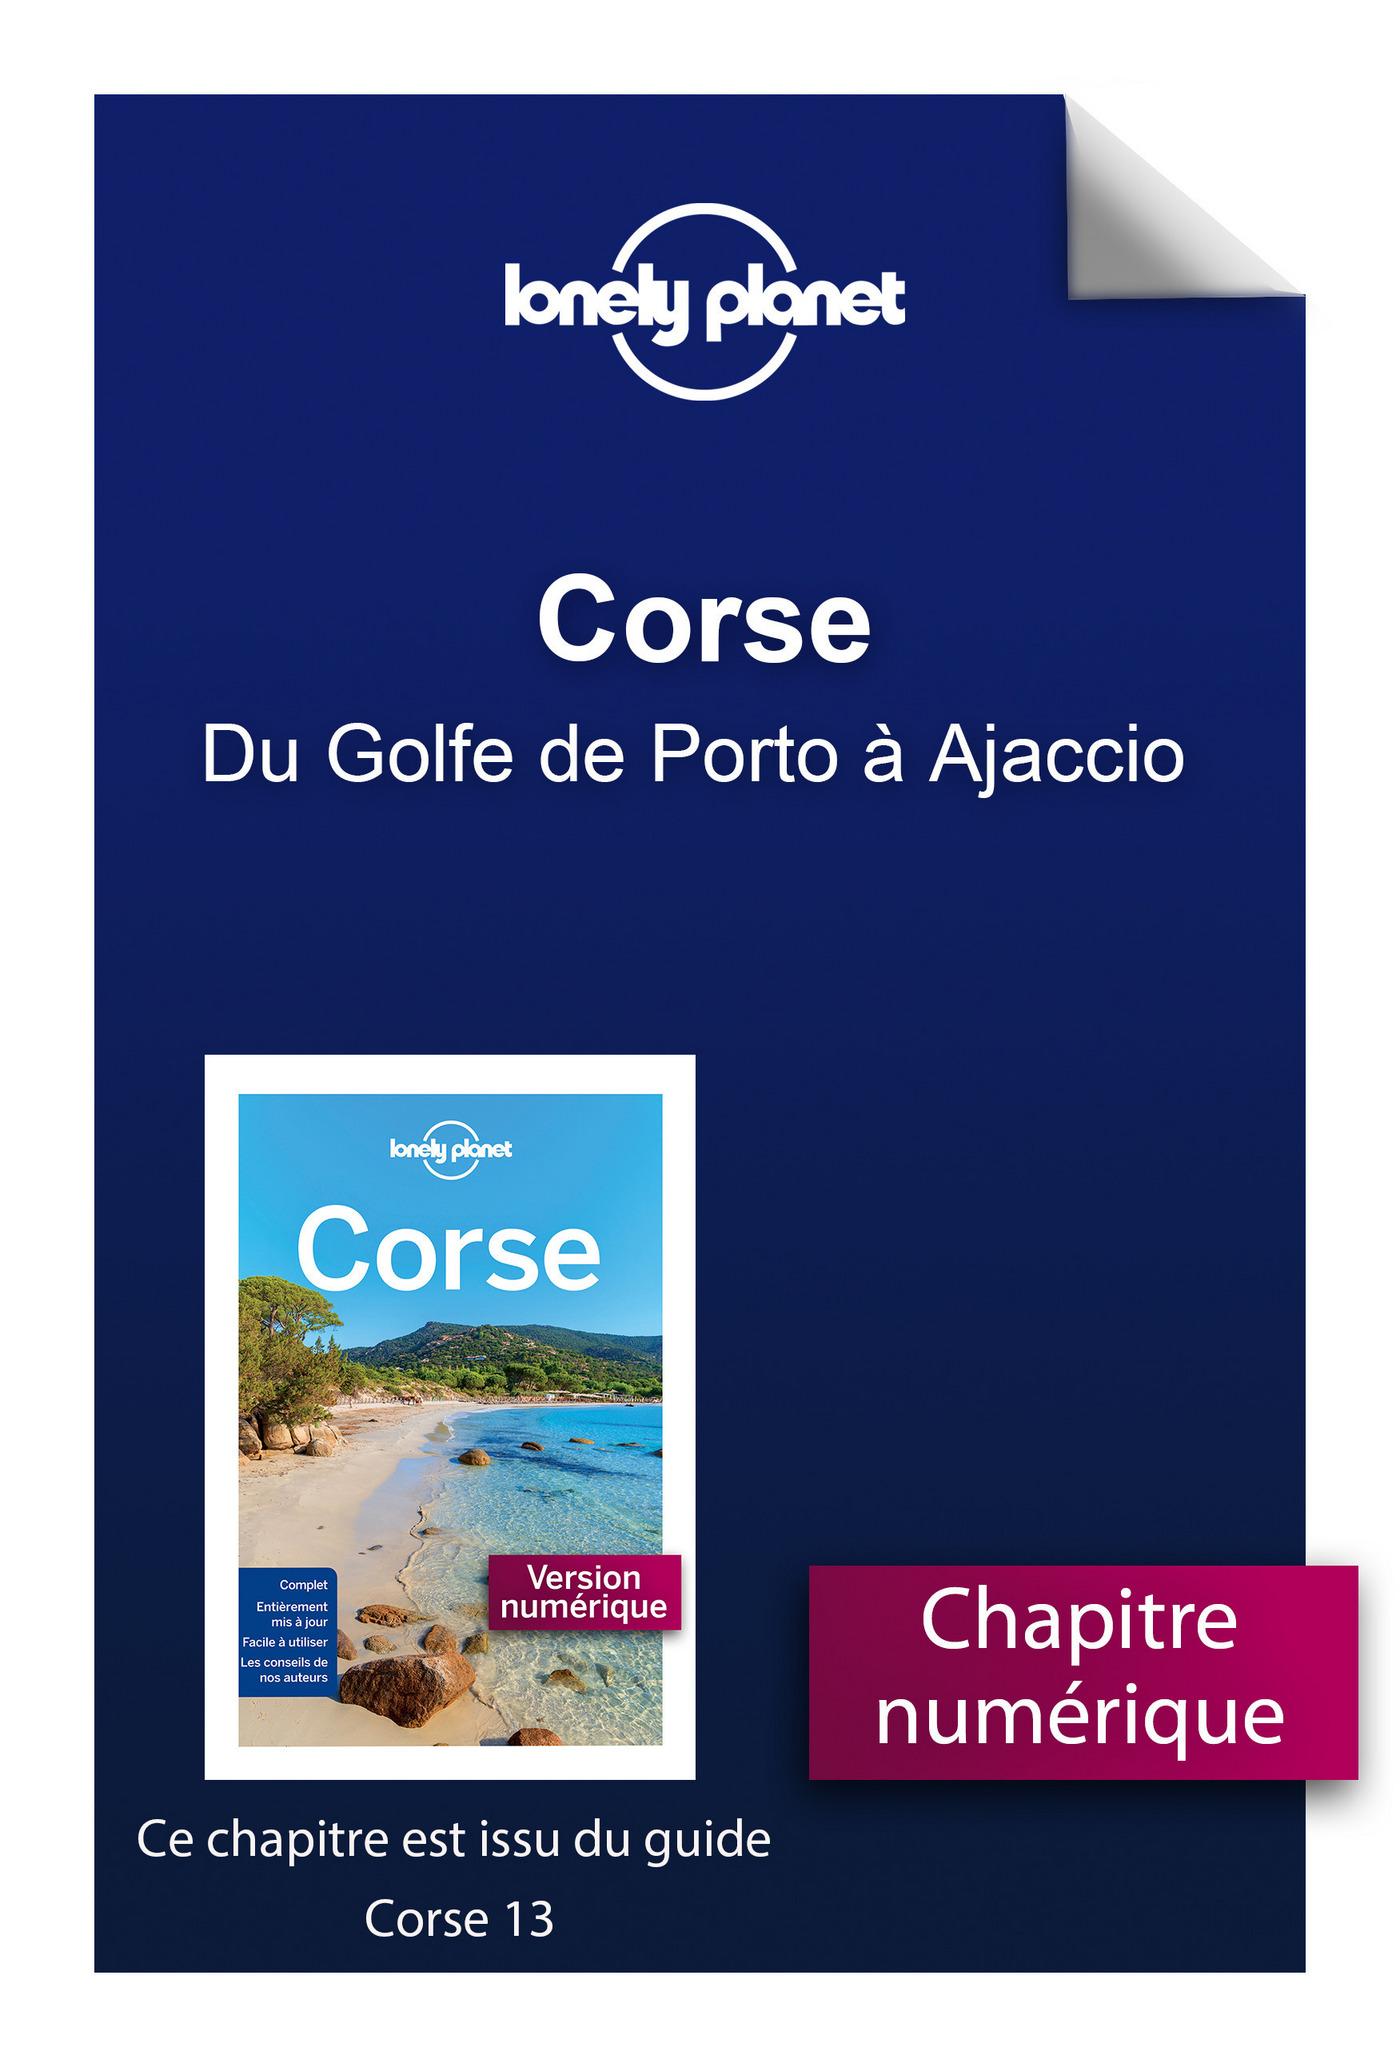 Corse - Du Golfe de Porto à Ajaccio